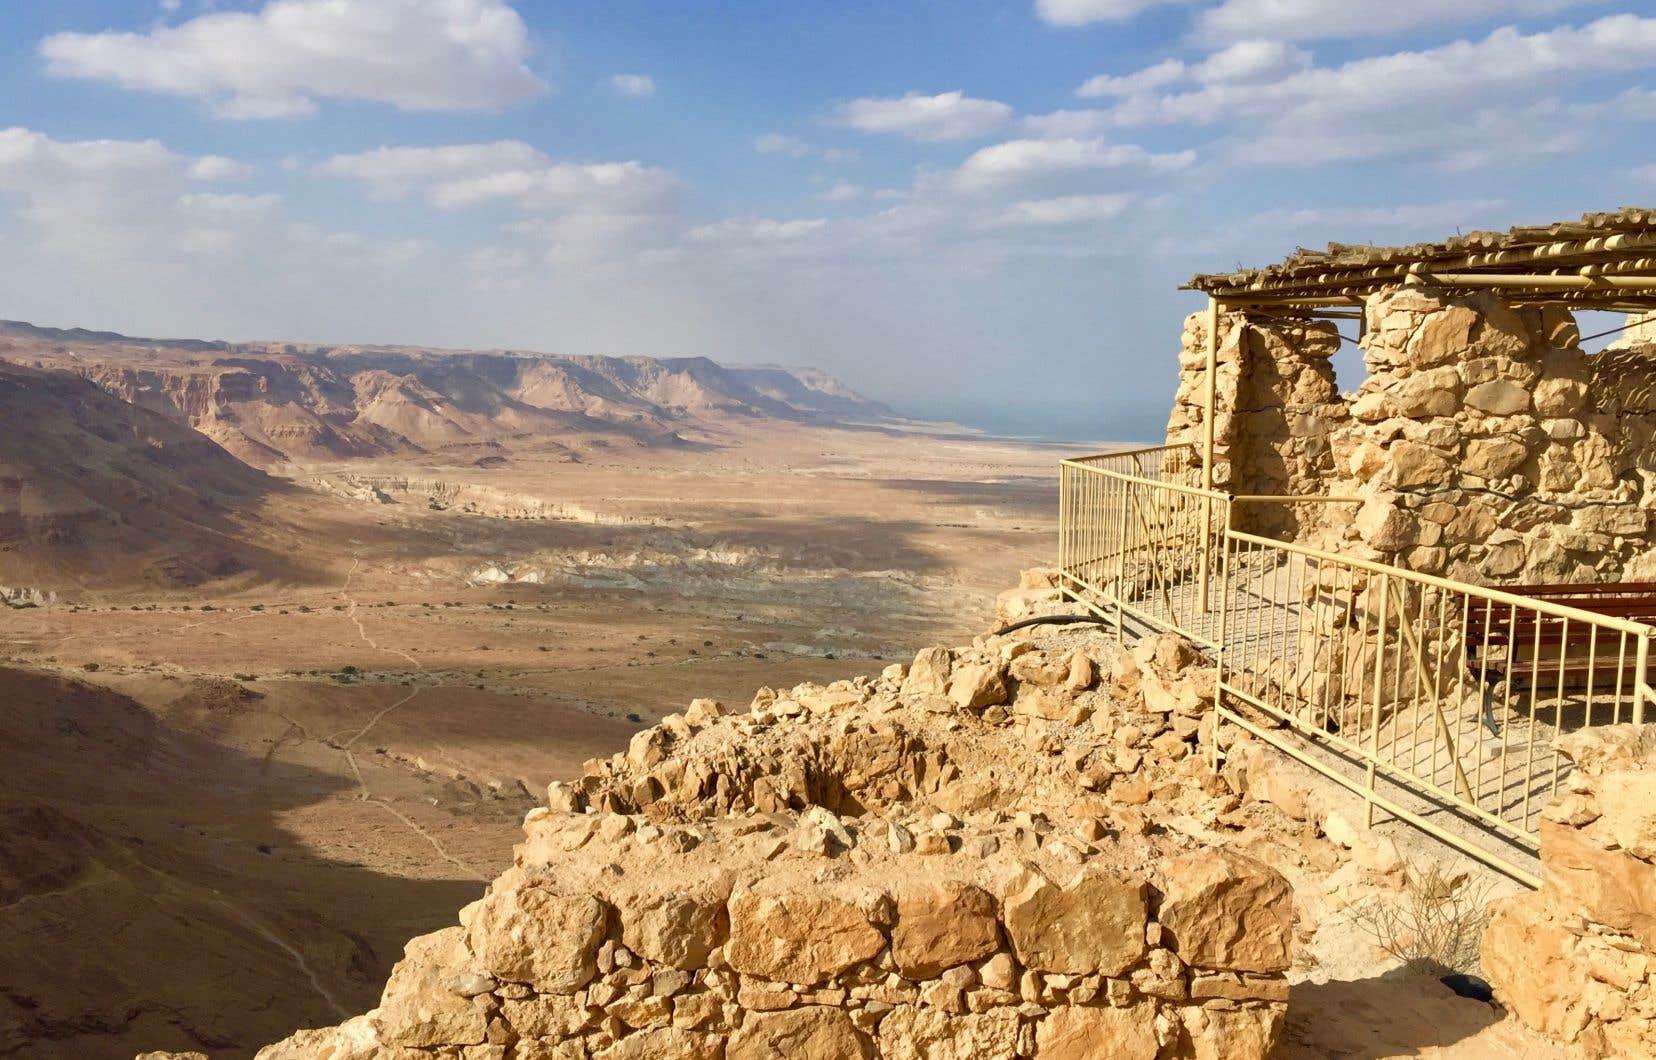 Le site de Massada est au patrimoine de l'UNESCO depuis 2001. La vue sur le désert de Judée, la mer Morte et les montagnes de Jordanie est imprenable.